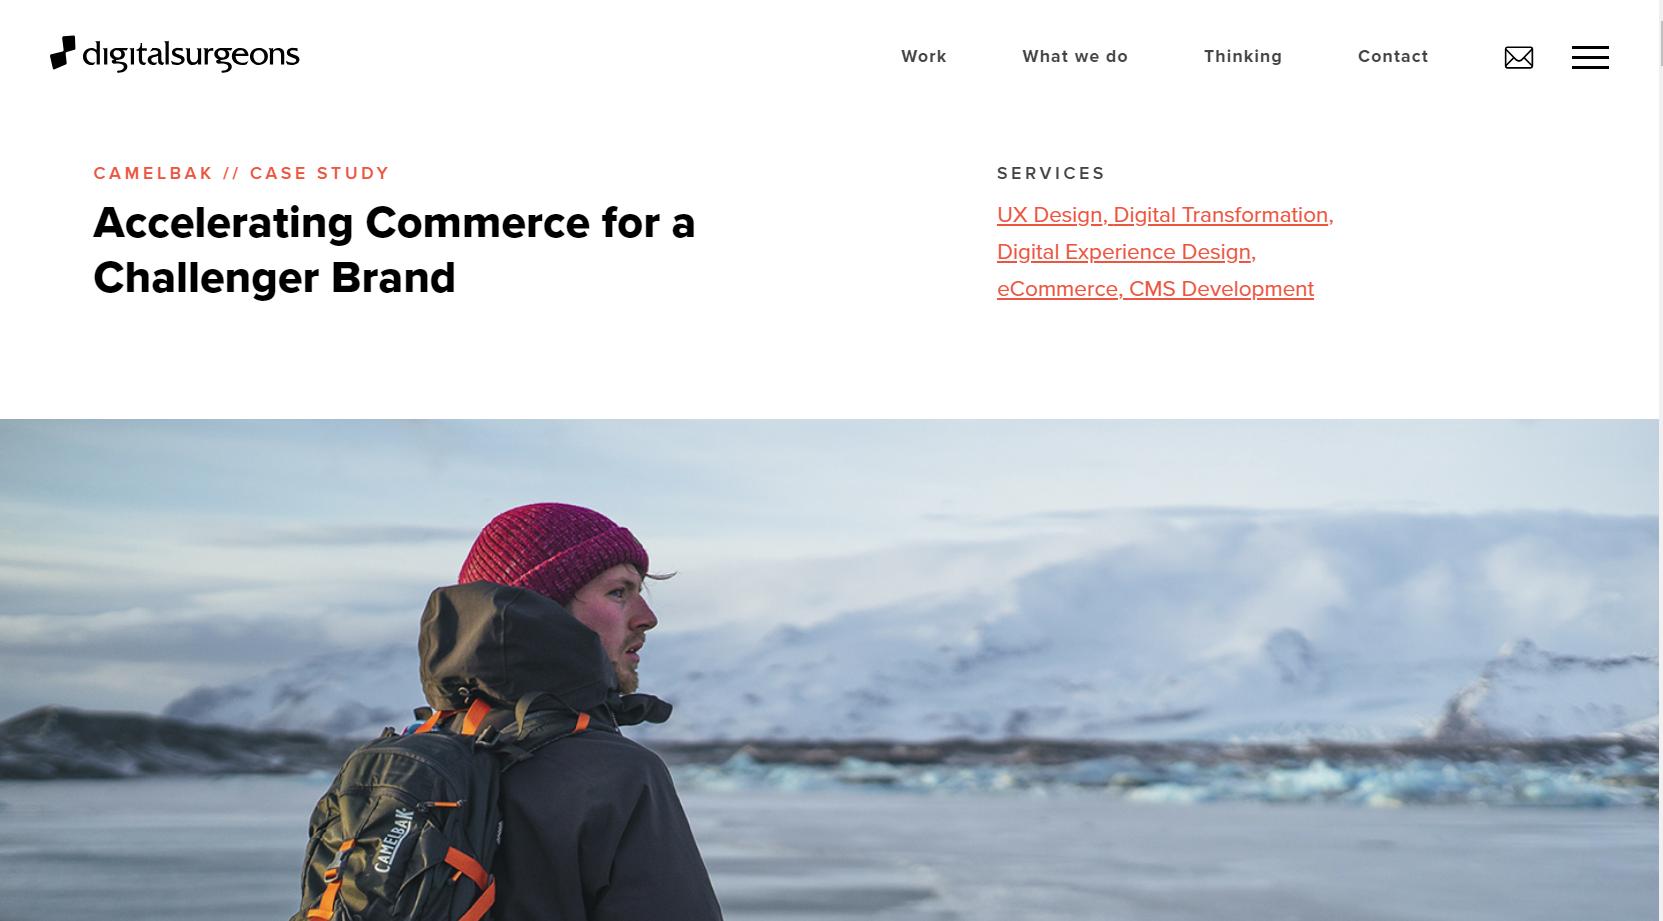 agency case study challenger brand camelbak